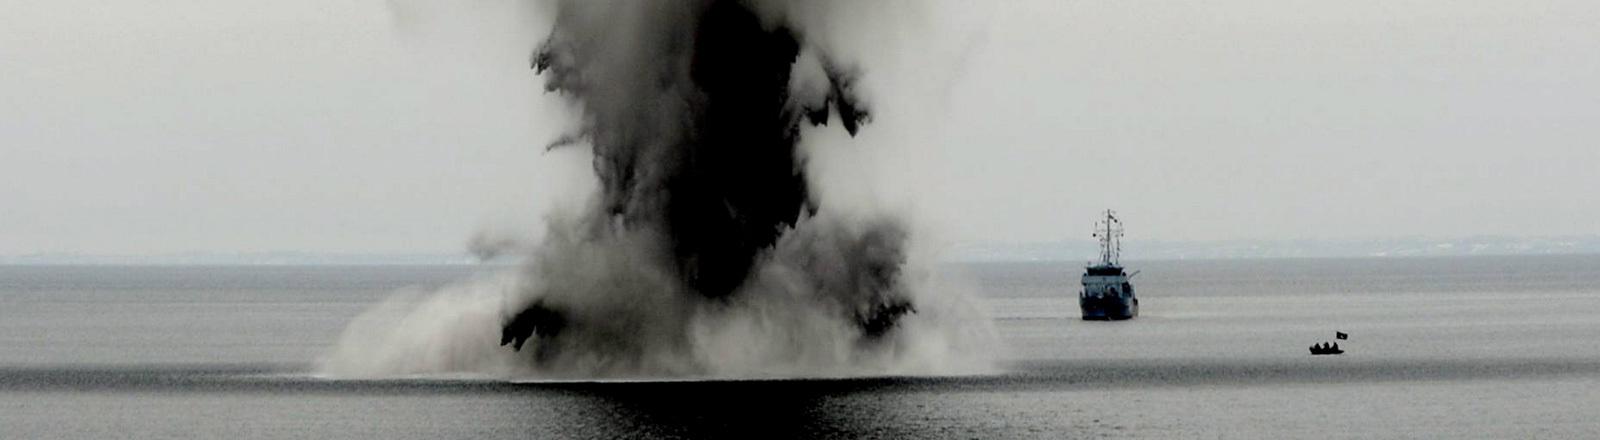 Spezialisten der Marine sprengen am 09.03.2010 auf der Ostsee vor Eckernförde eine Mine. Munition aus dem Zweiten Weltkrieg ist am Meeresgrund eine tödliche Gefahr.